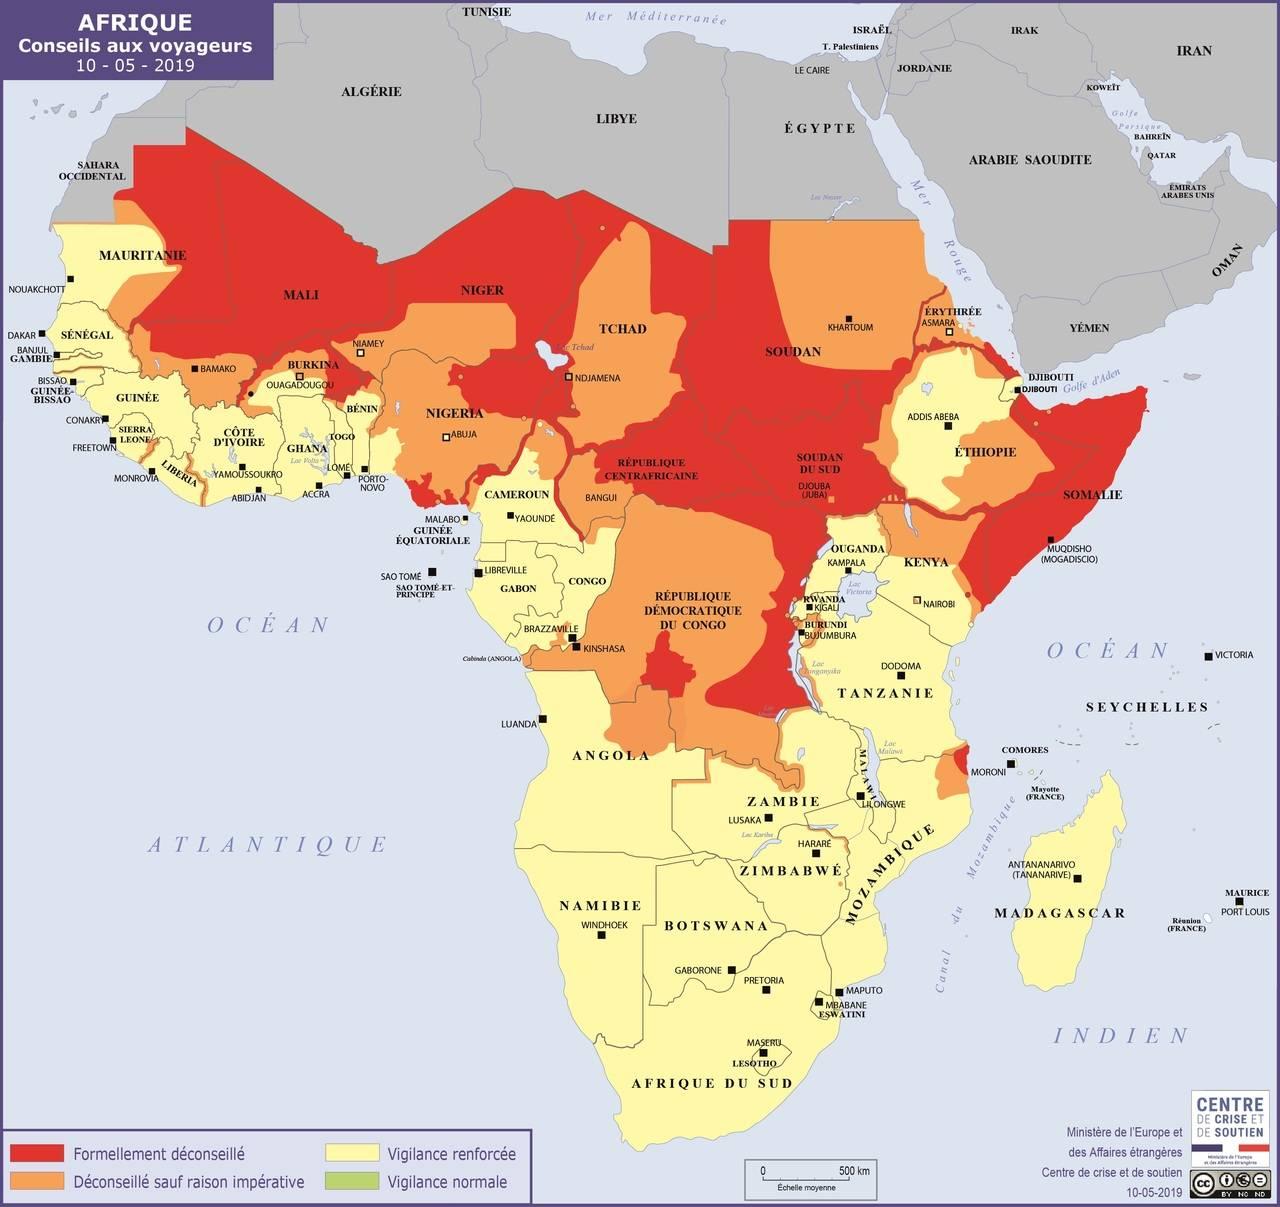 La carte publiée par le Quai d'Orsay concernant l'Afrique - DR